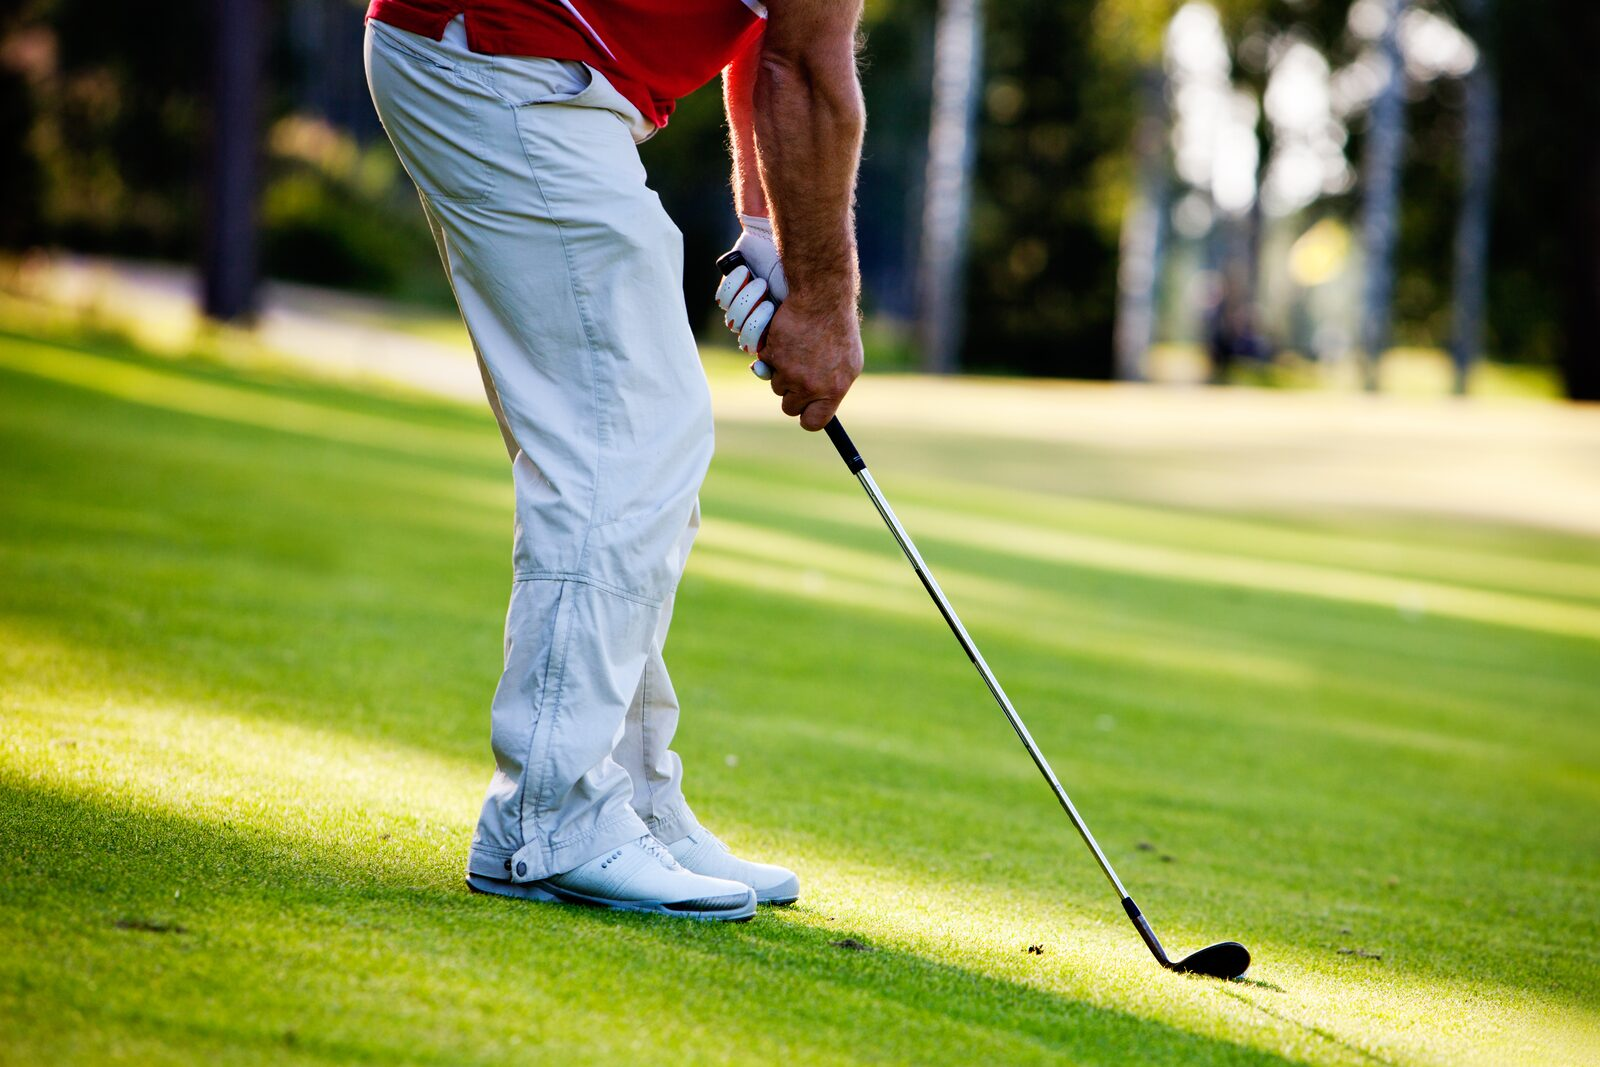 vakantiewoning kopen vlakbij een golfbaan